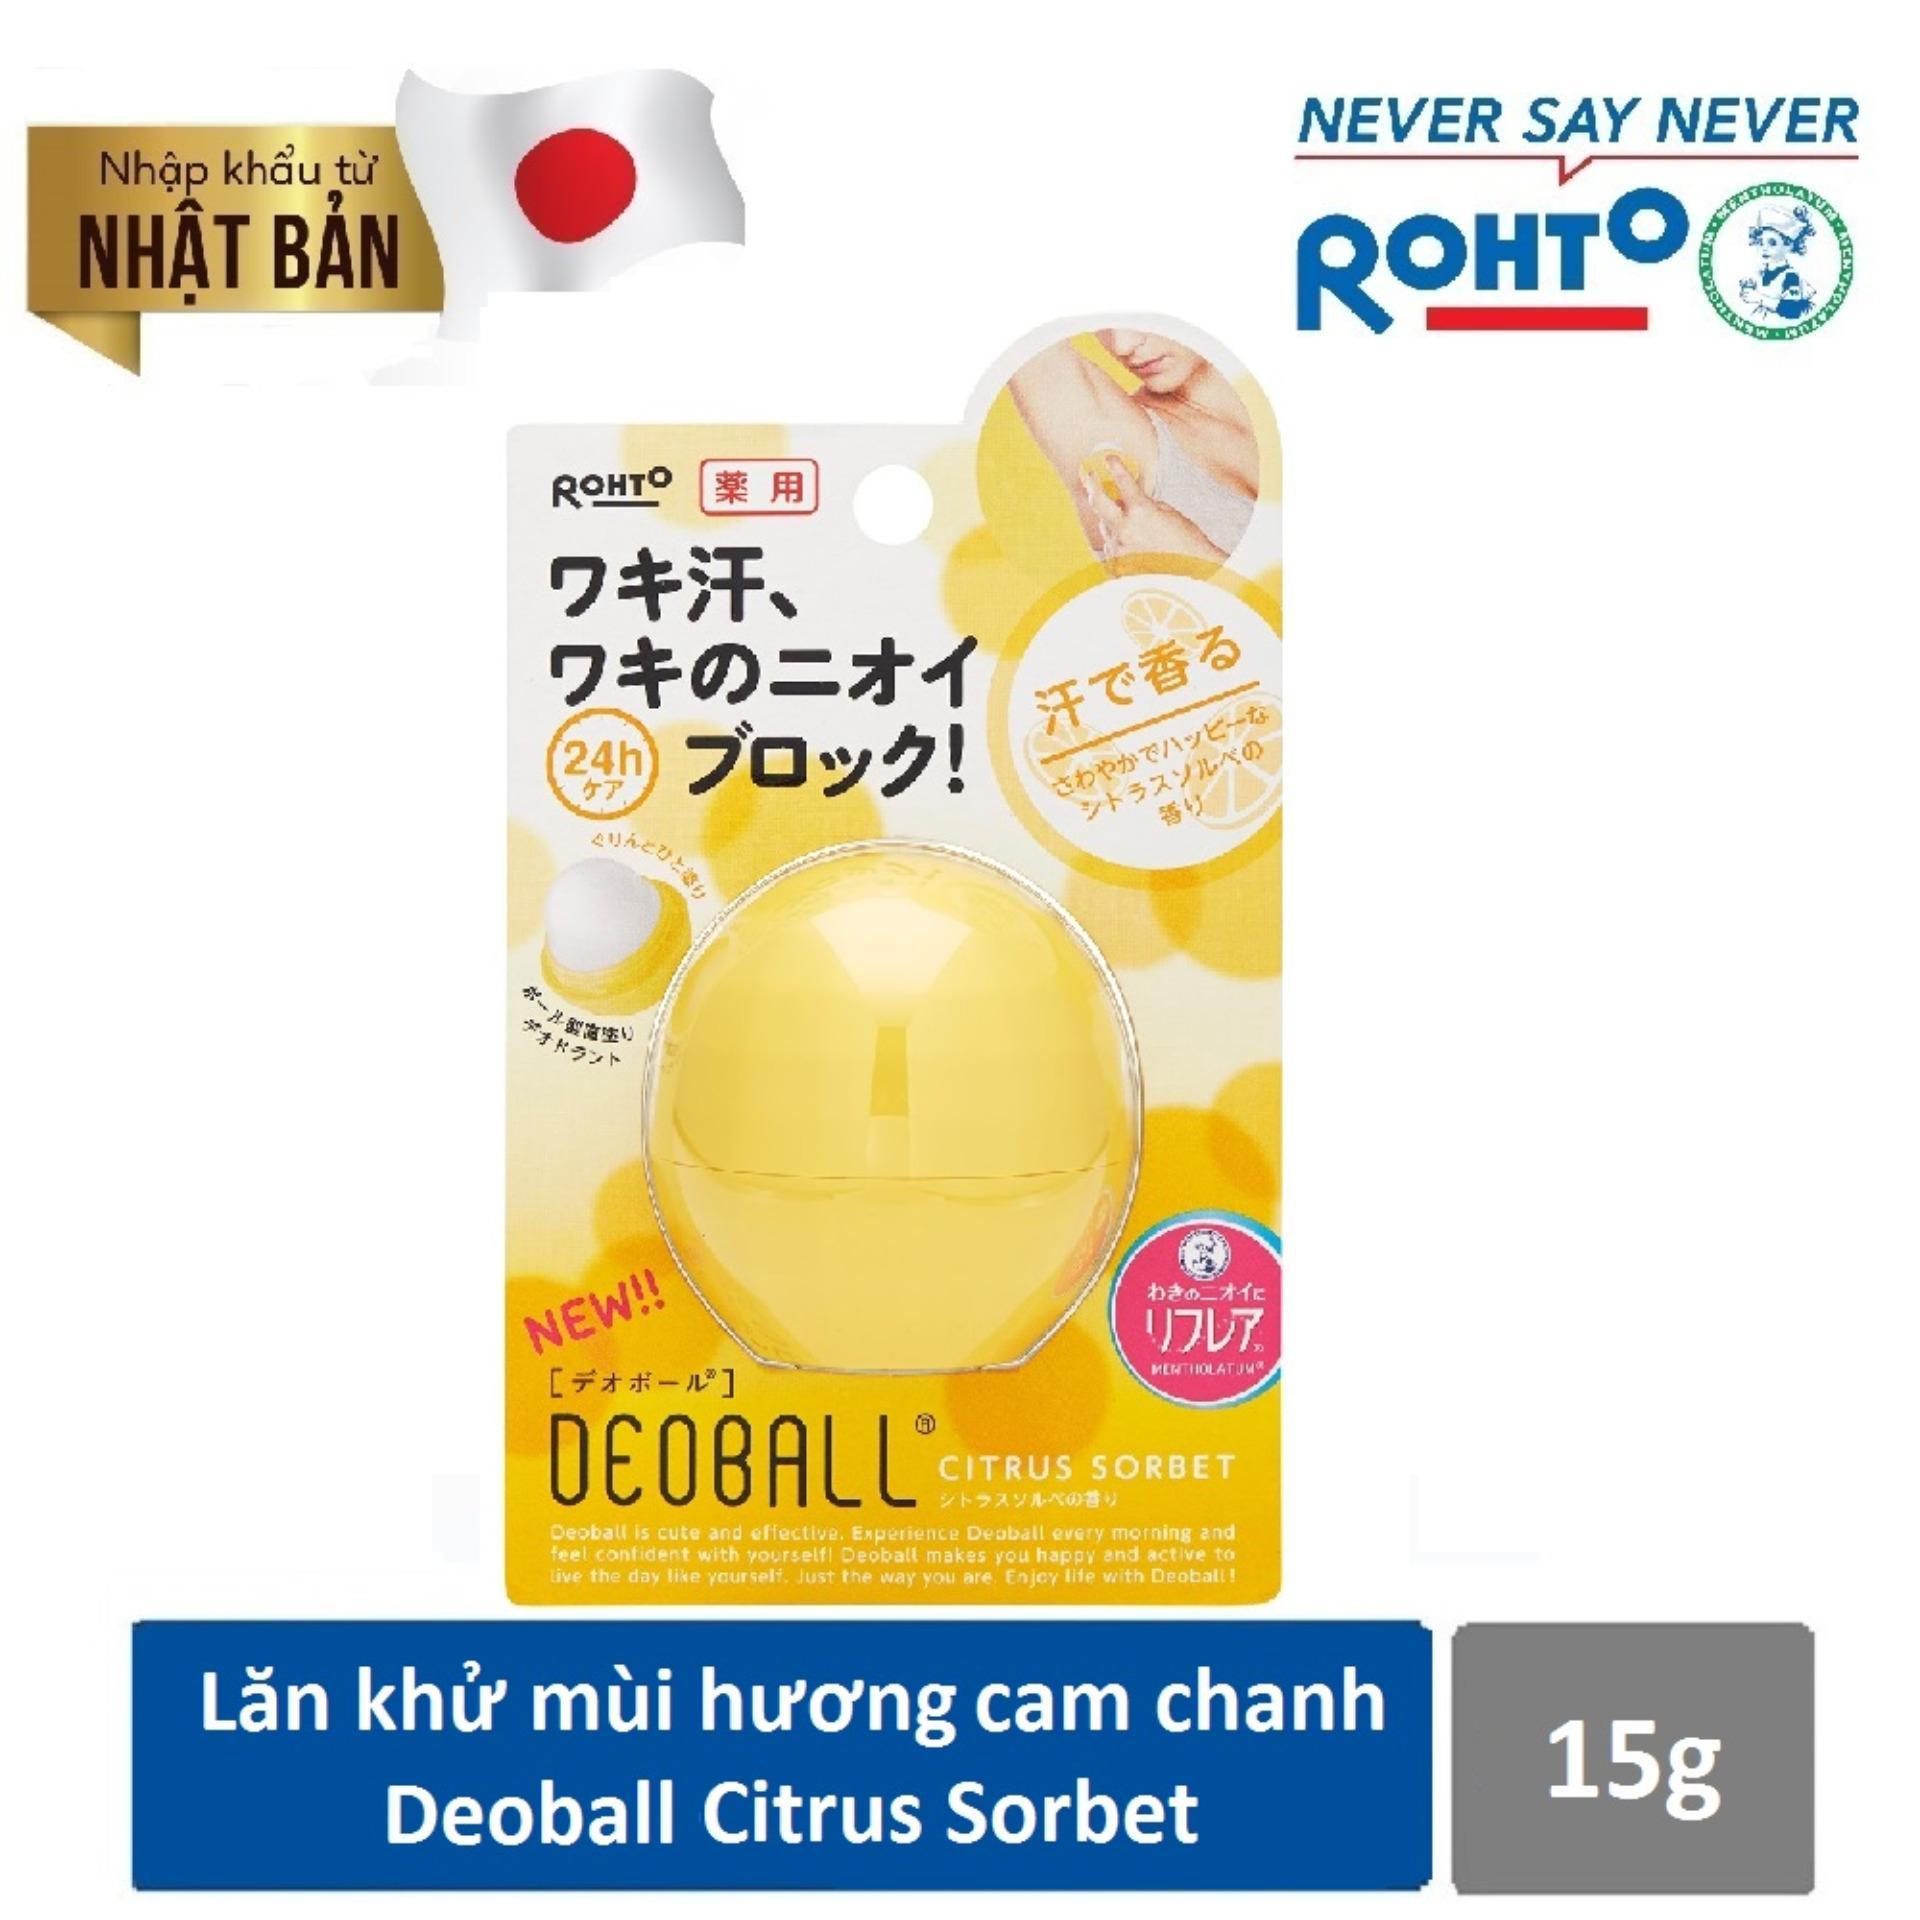 Lăn Khử Mùi Hương Cam Chanh Tươi Mát Rohto Deoball Citrus Sorbet 15g ( Nhập khẩu từ Nhật Bản)